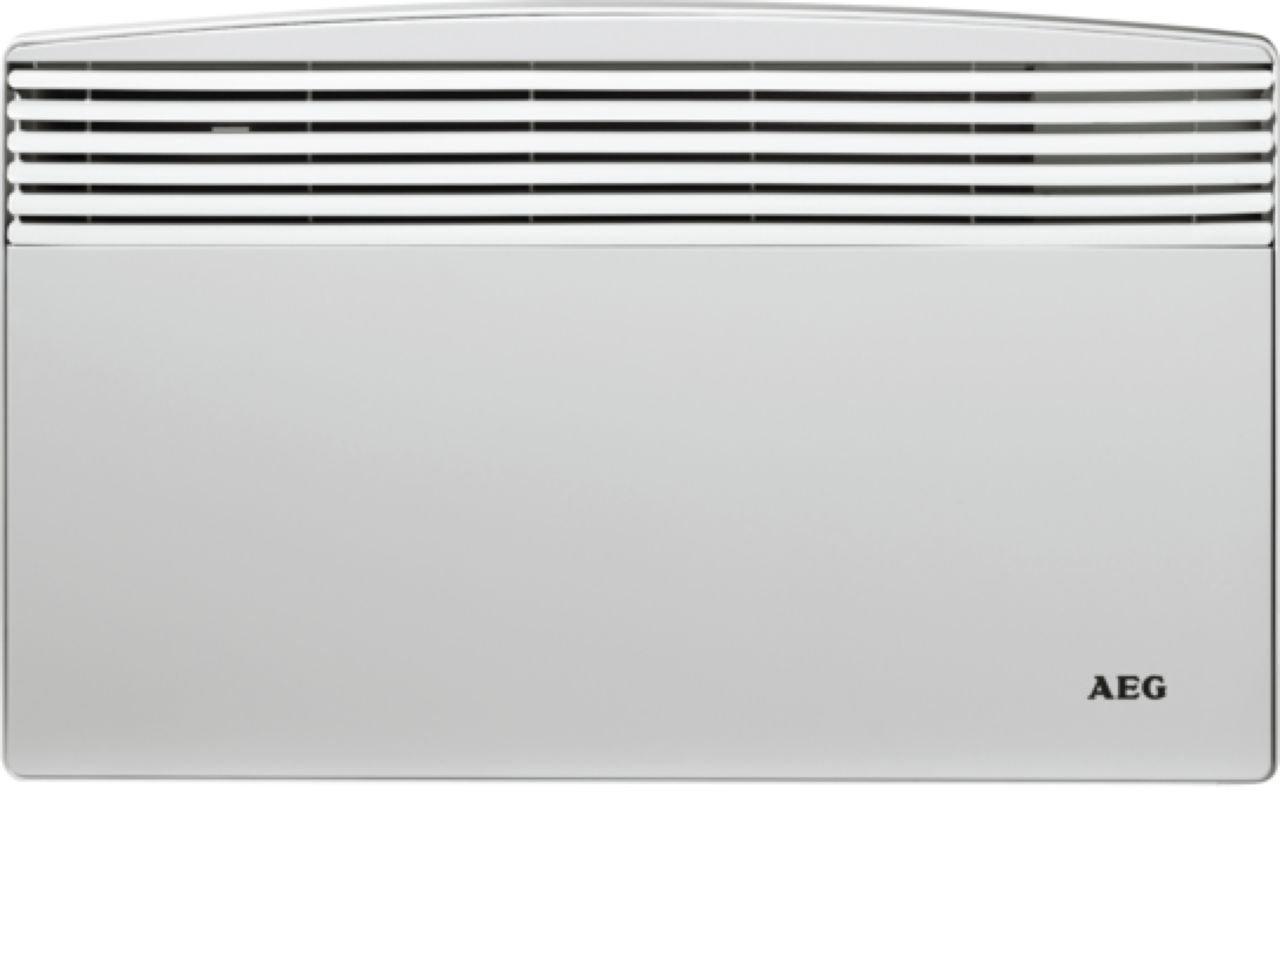 AEG 220997 WKL 753 S Wandkonvektor, Heizung 750 W für Bad, Hobbyraum, Gästezimmer, für ca. 7 m² EG Haustechnik